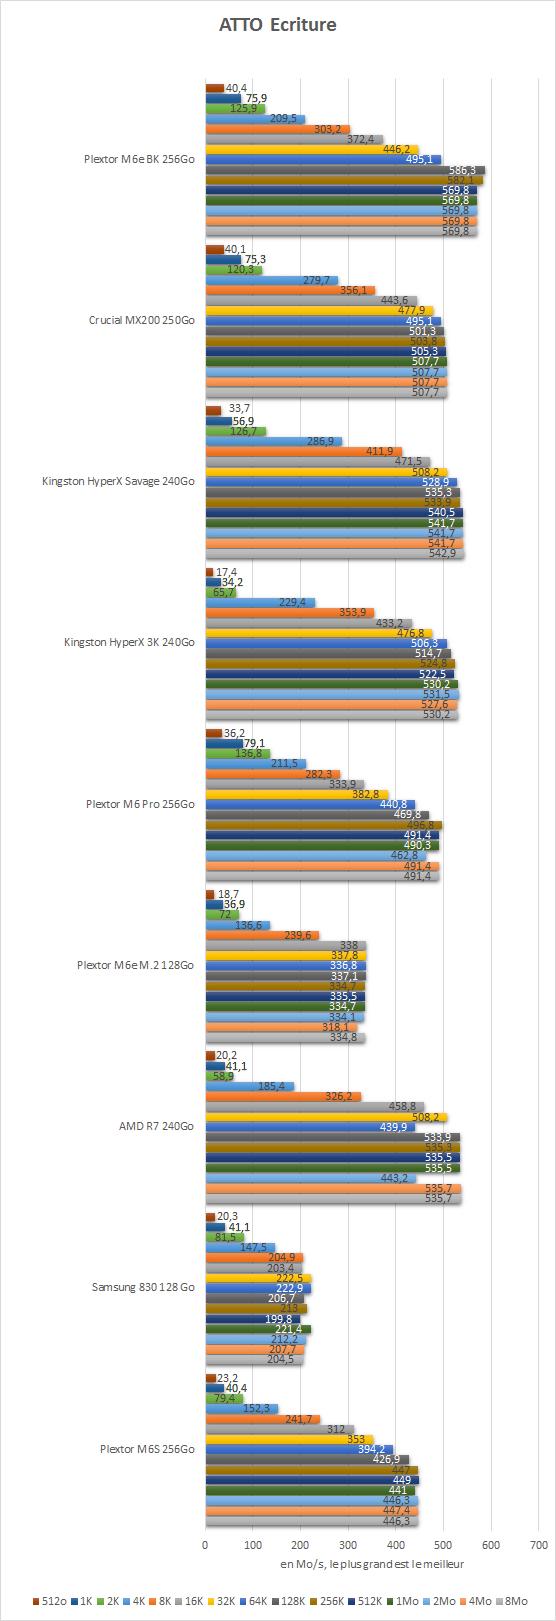 Plextor_M6e_BK_256Go_resultats_atto_ecriture